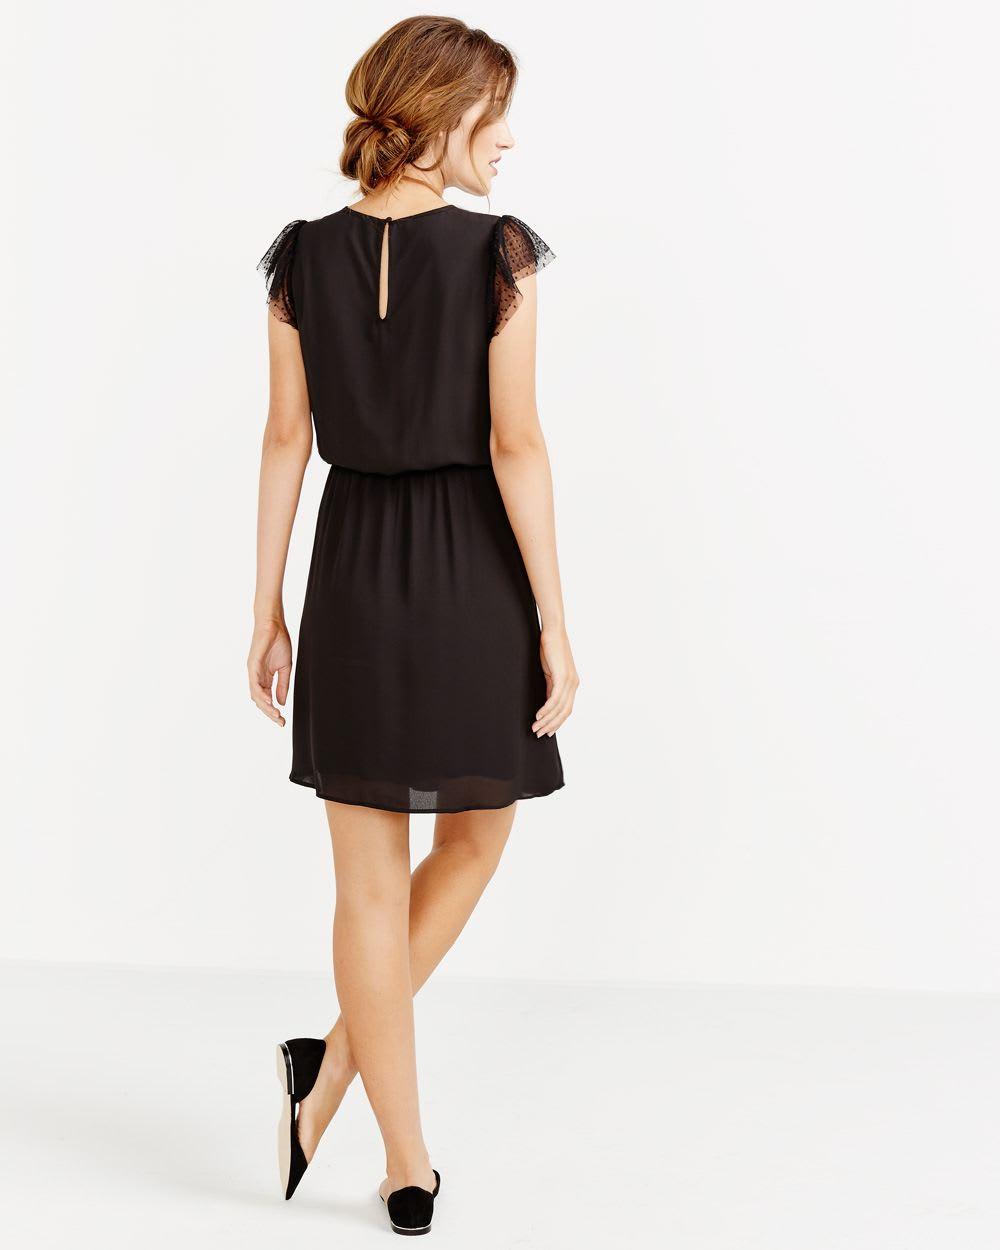 Mesh Ruffle Cap Sleeve Dress